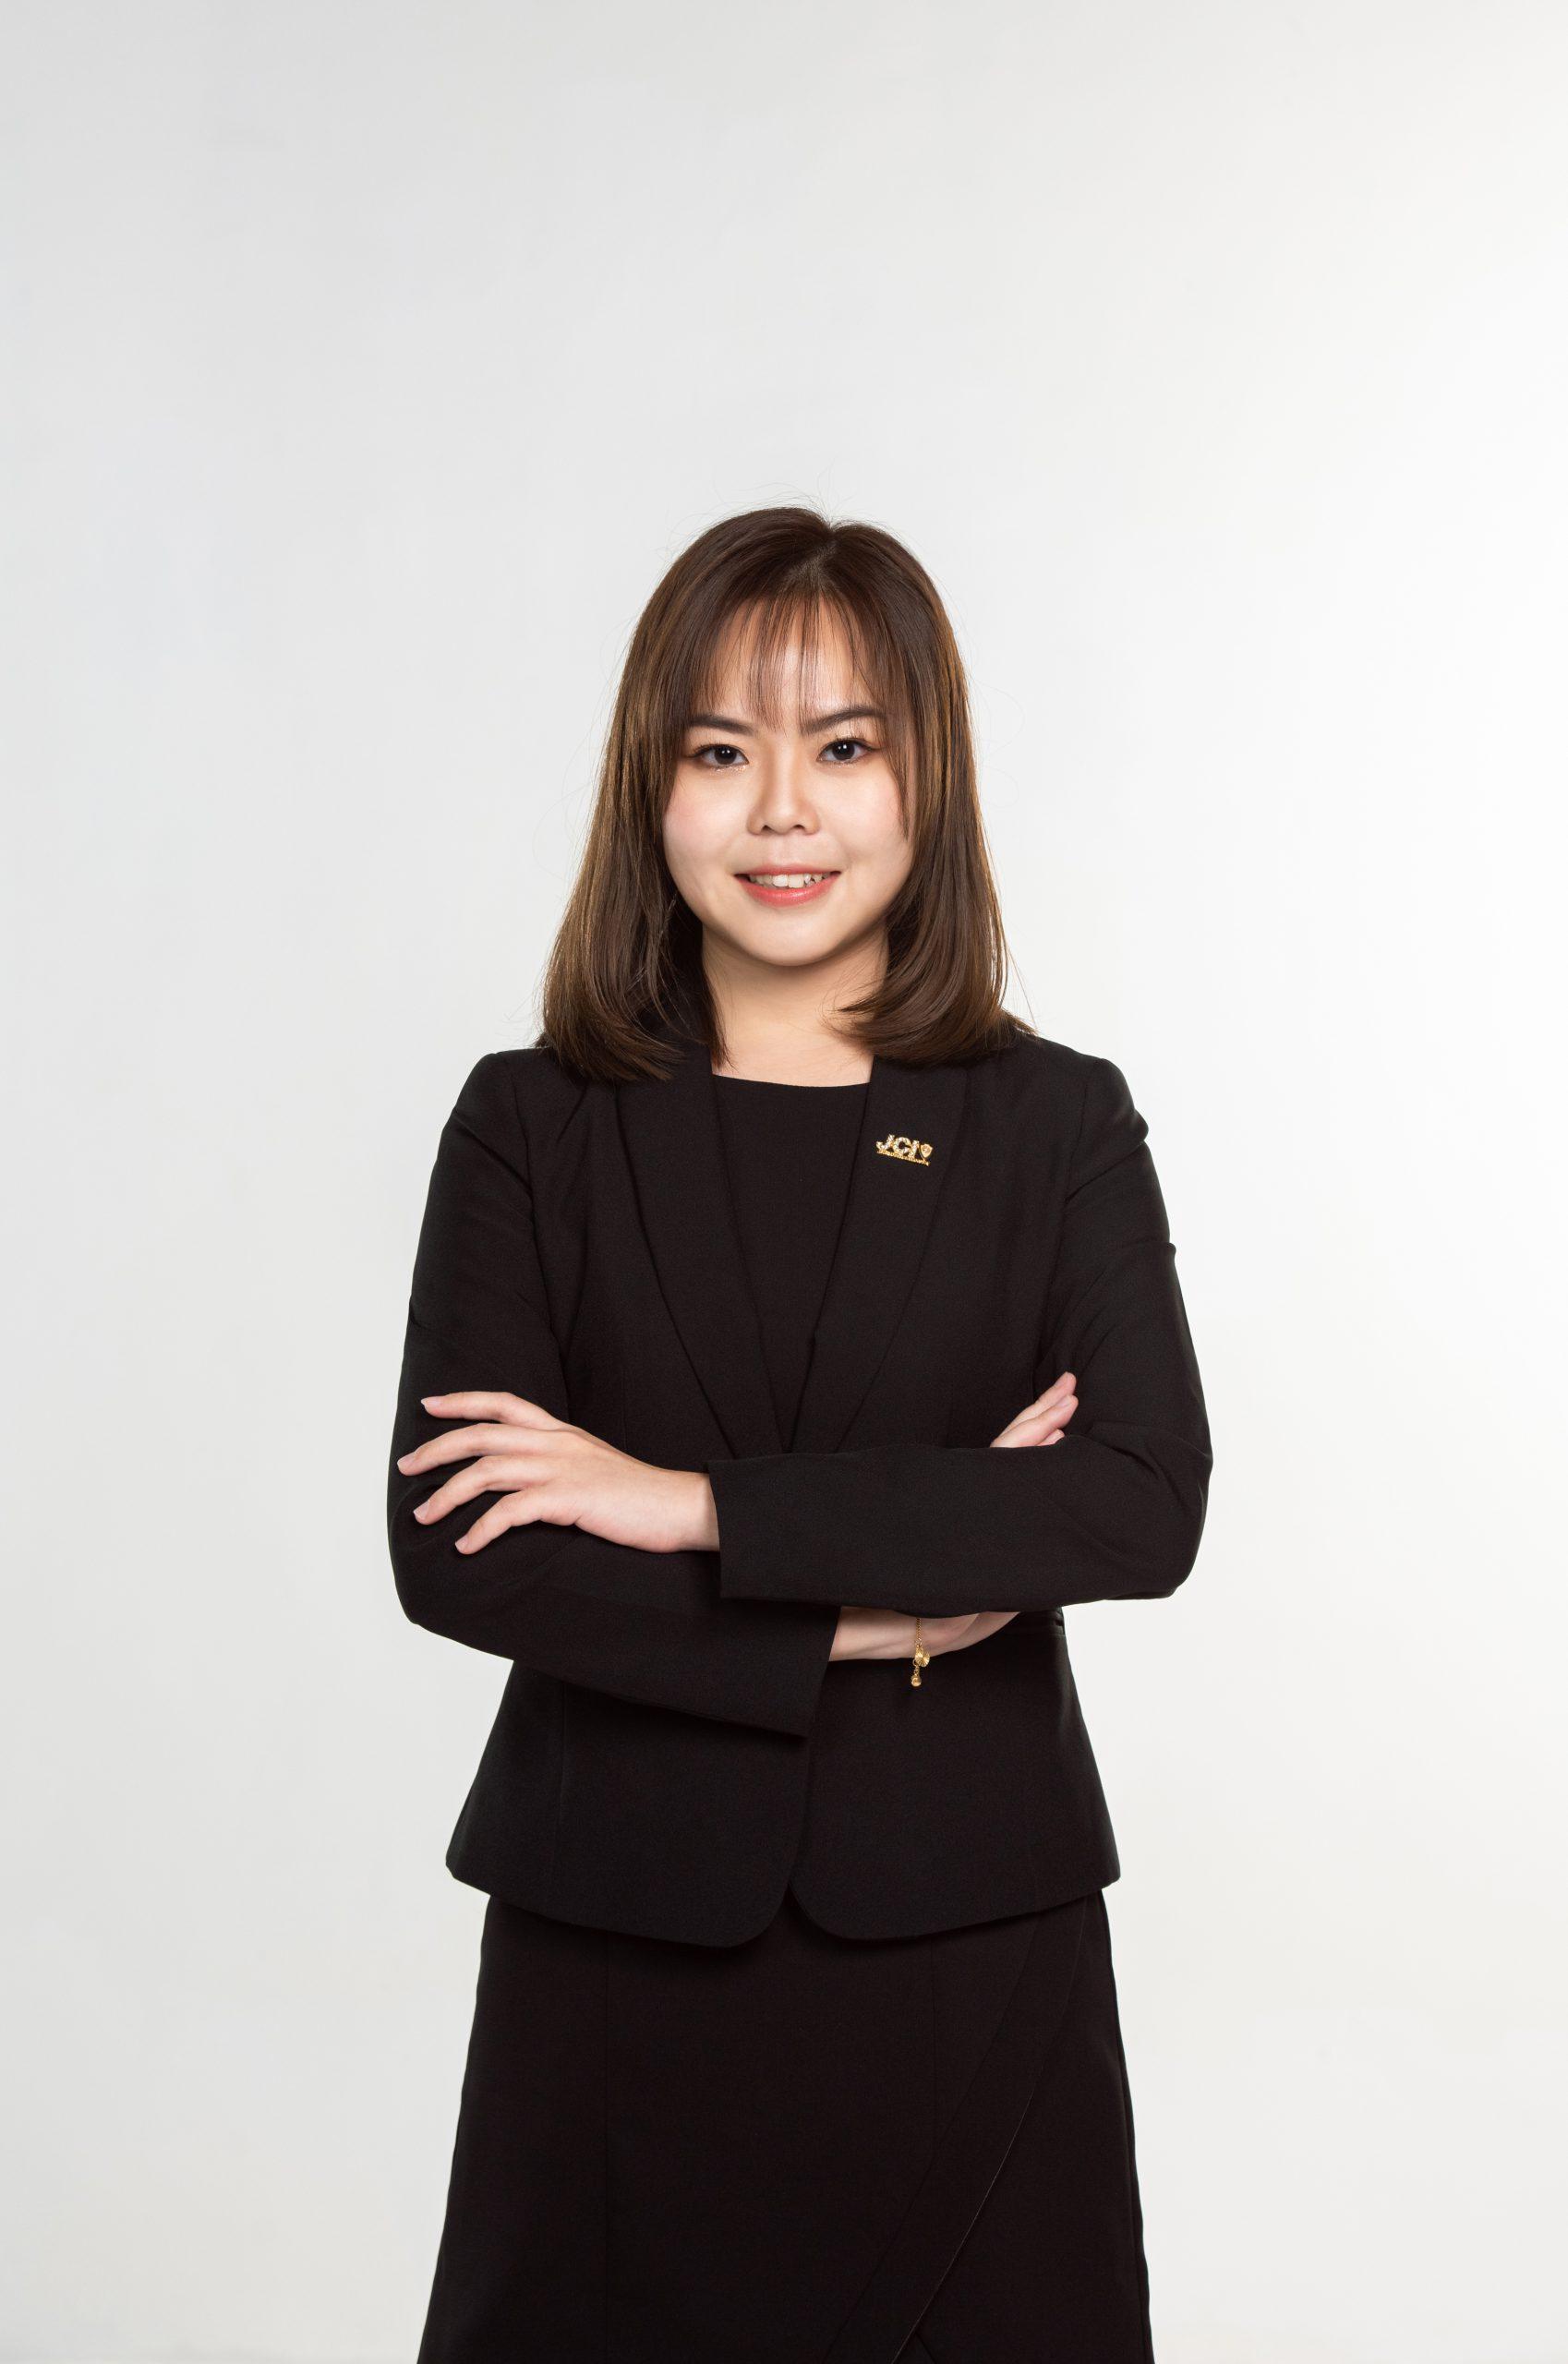 Ong Wei Xuan